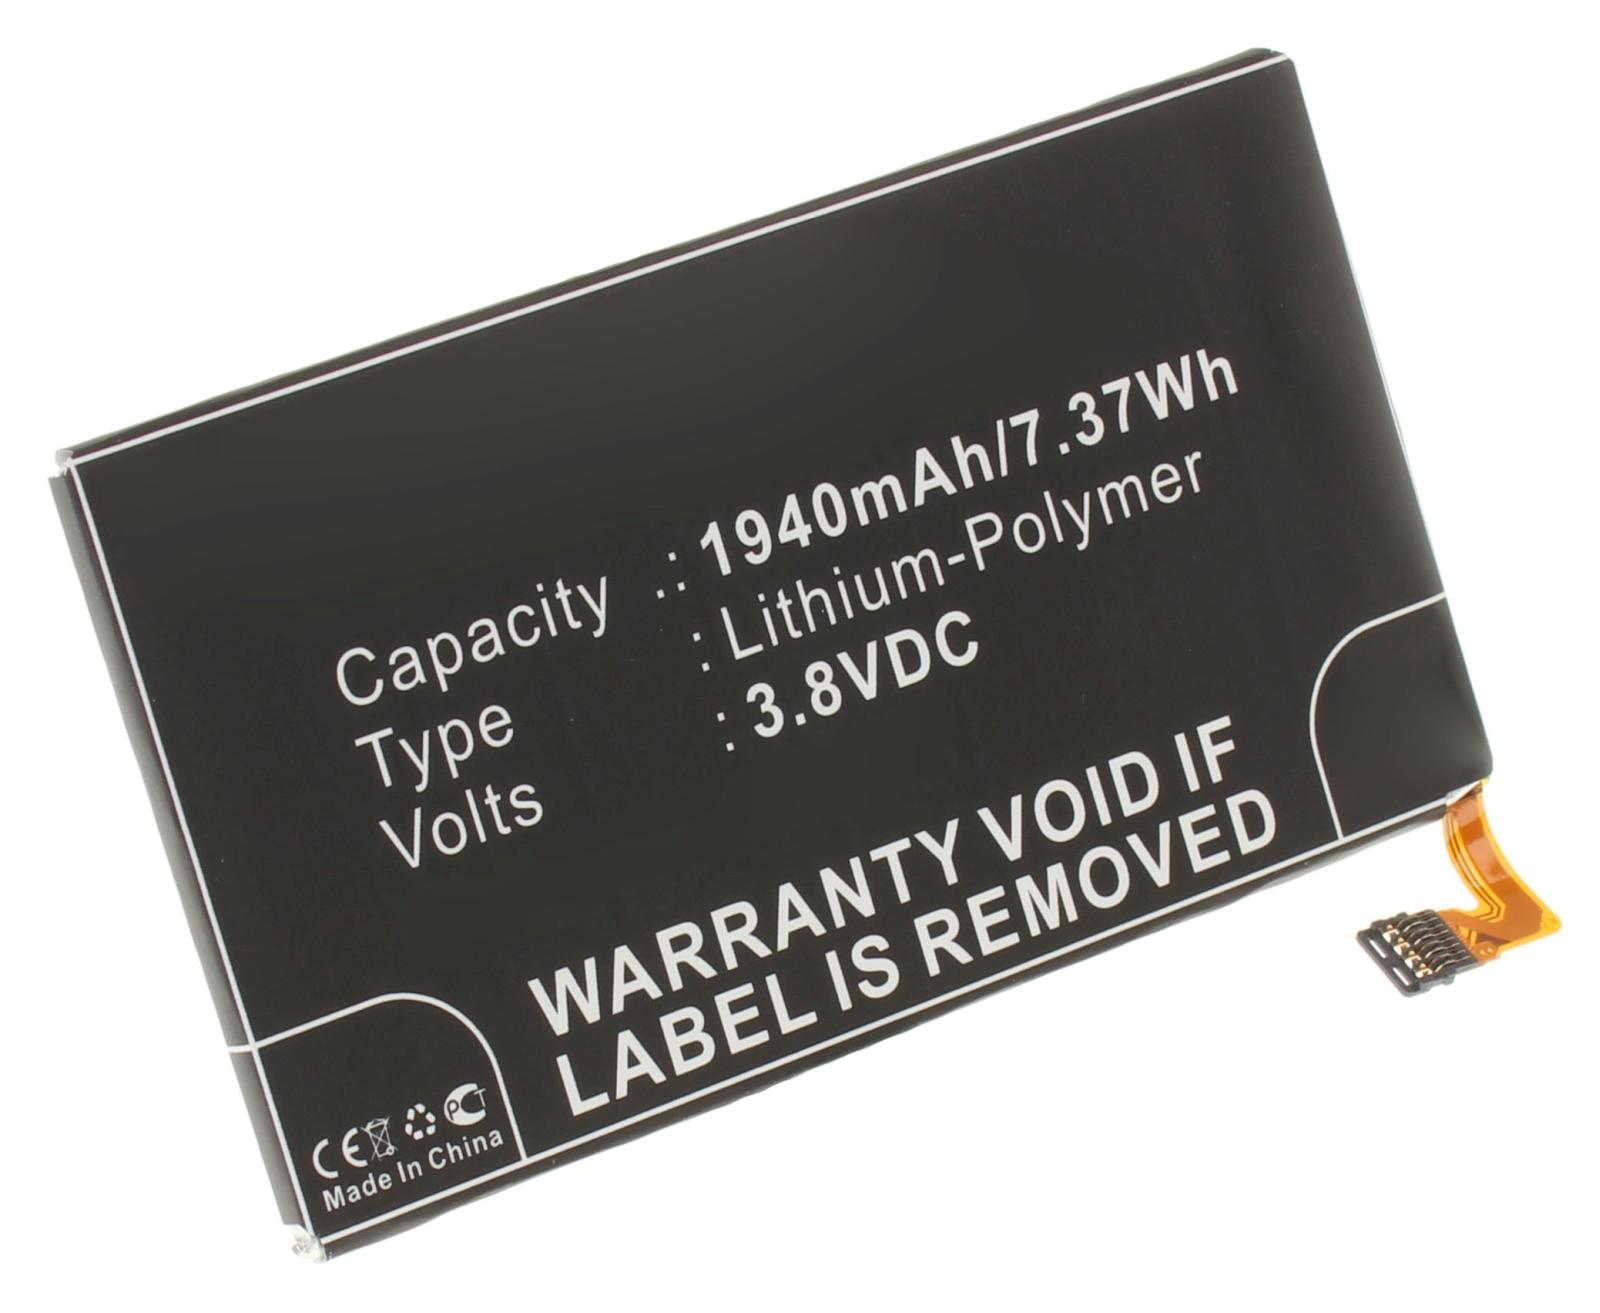 Аккумуляторная батарея для телефона, смартфона Motorola RAZR I. Артикул iB-M588.Емкость (mAh): 1940. Напряжение (V): 3,8